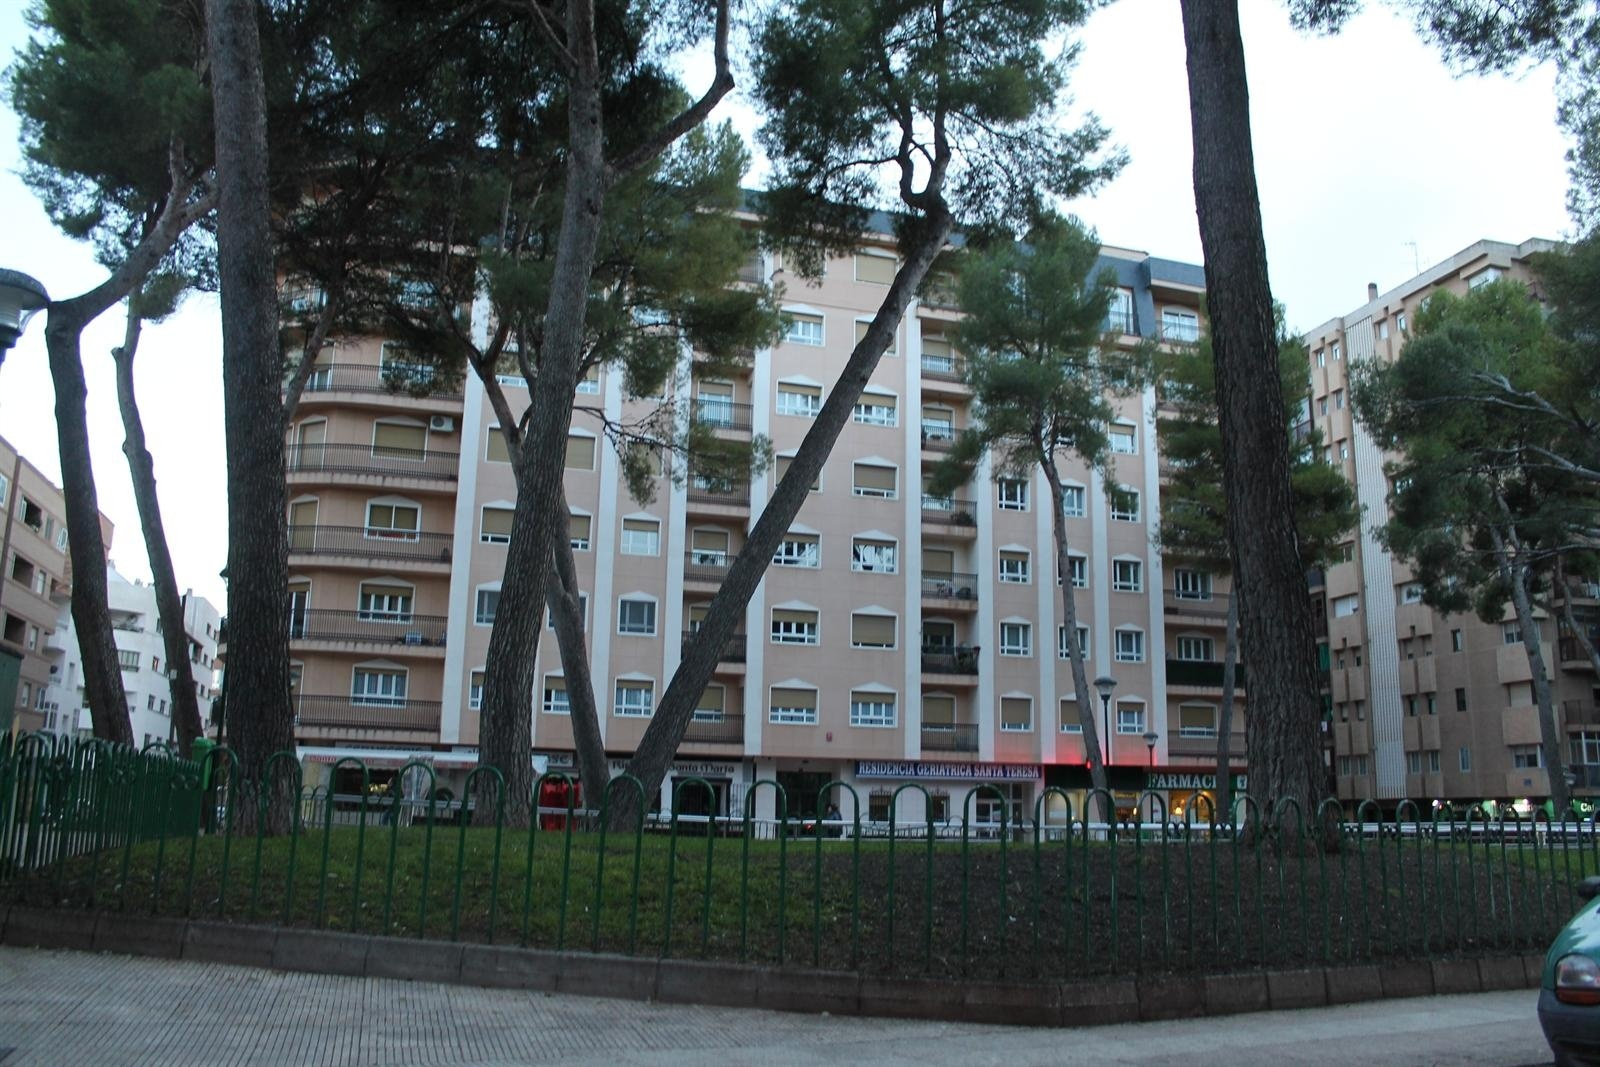 El precio de la vivienda libre cae un 8,7% en Extremadura en el primer trimestre, por encima de la media nacional